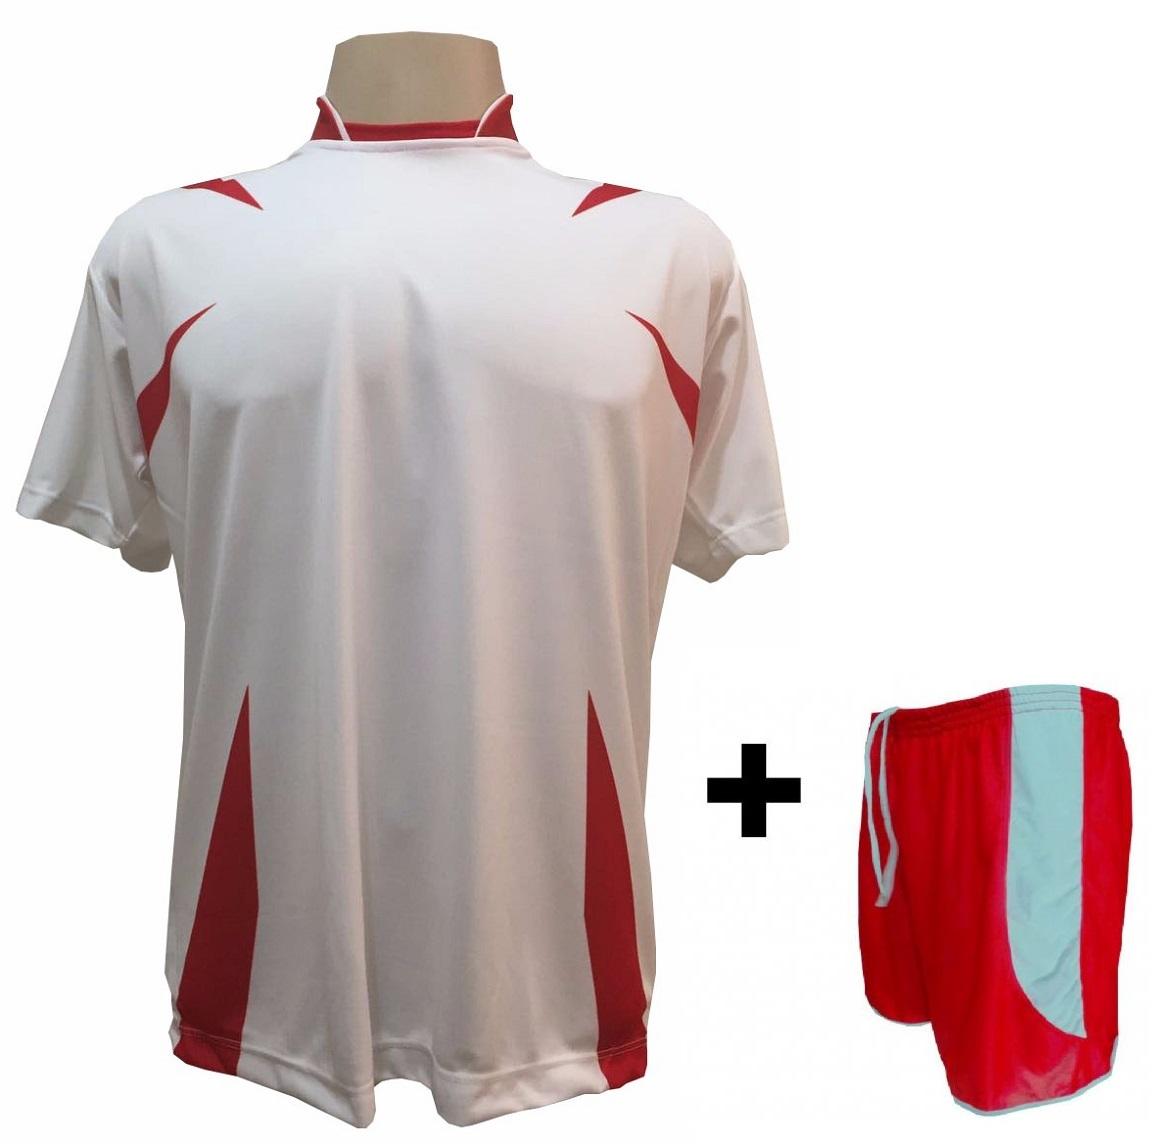 330df0f2f2 Uniforme Esportivo com 14 Camisas modelo Palermo Branco Vermelho + 14  Calções modelo Copa Vermelho ...